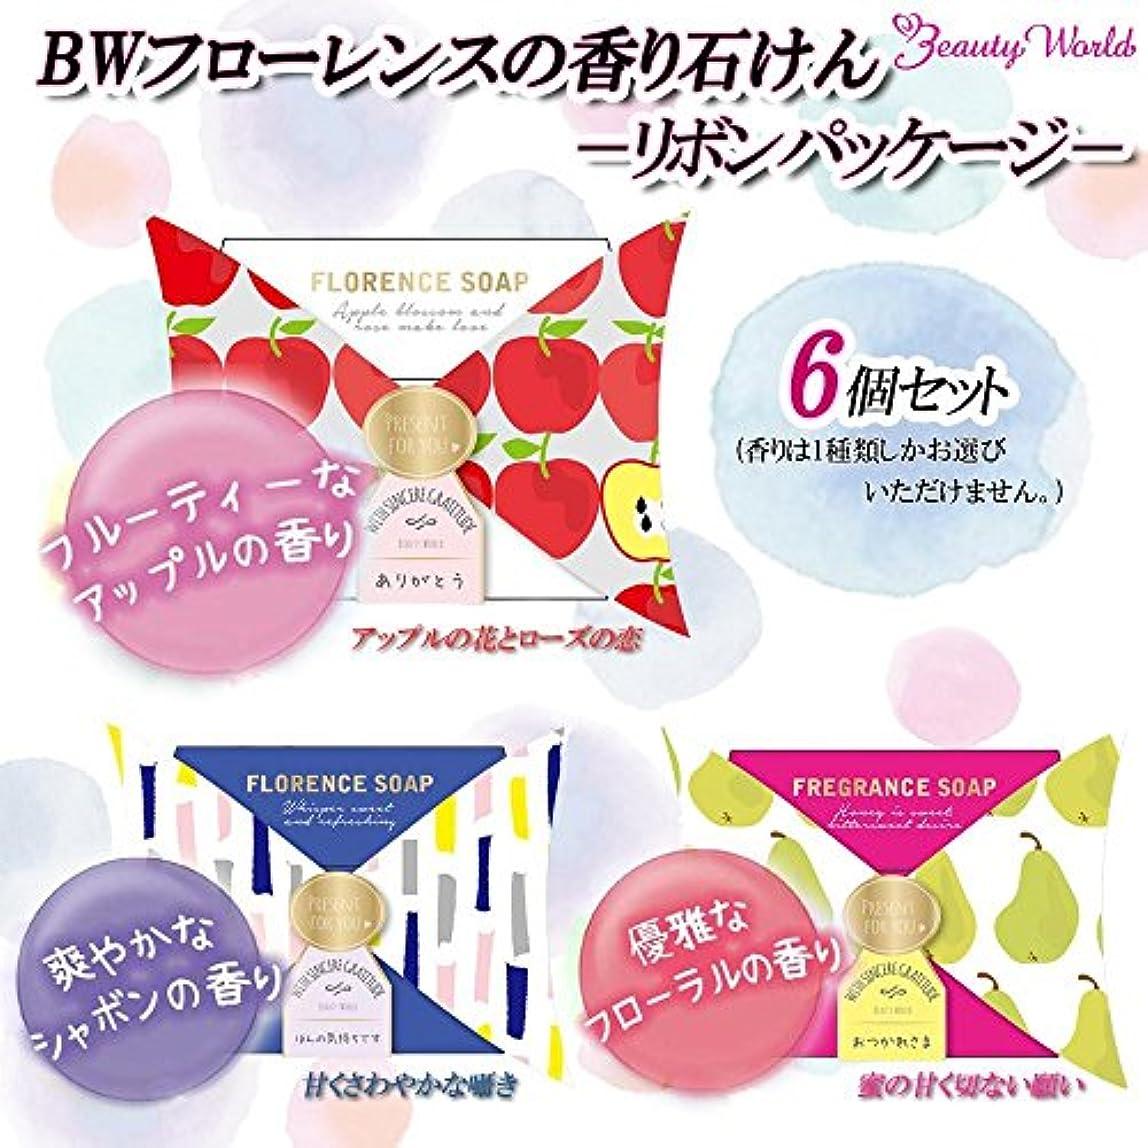 受け入れた単調な九時四十五分ビューティーワールド BWフローレンスの香り石けん リボンパッケージ 6個セット ■3種類の内「FSP386?蜜の甘く切ない願い」を1点のみです